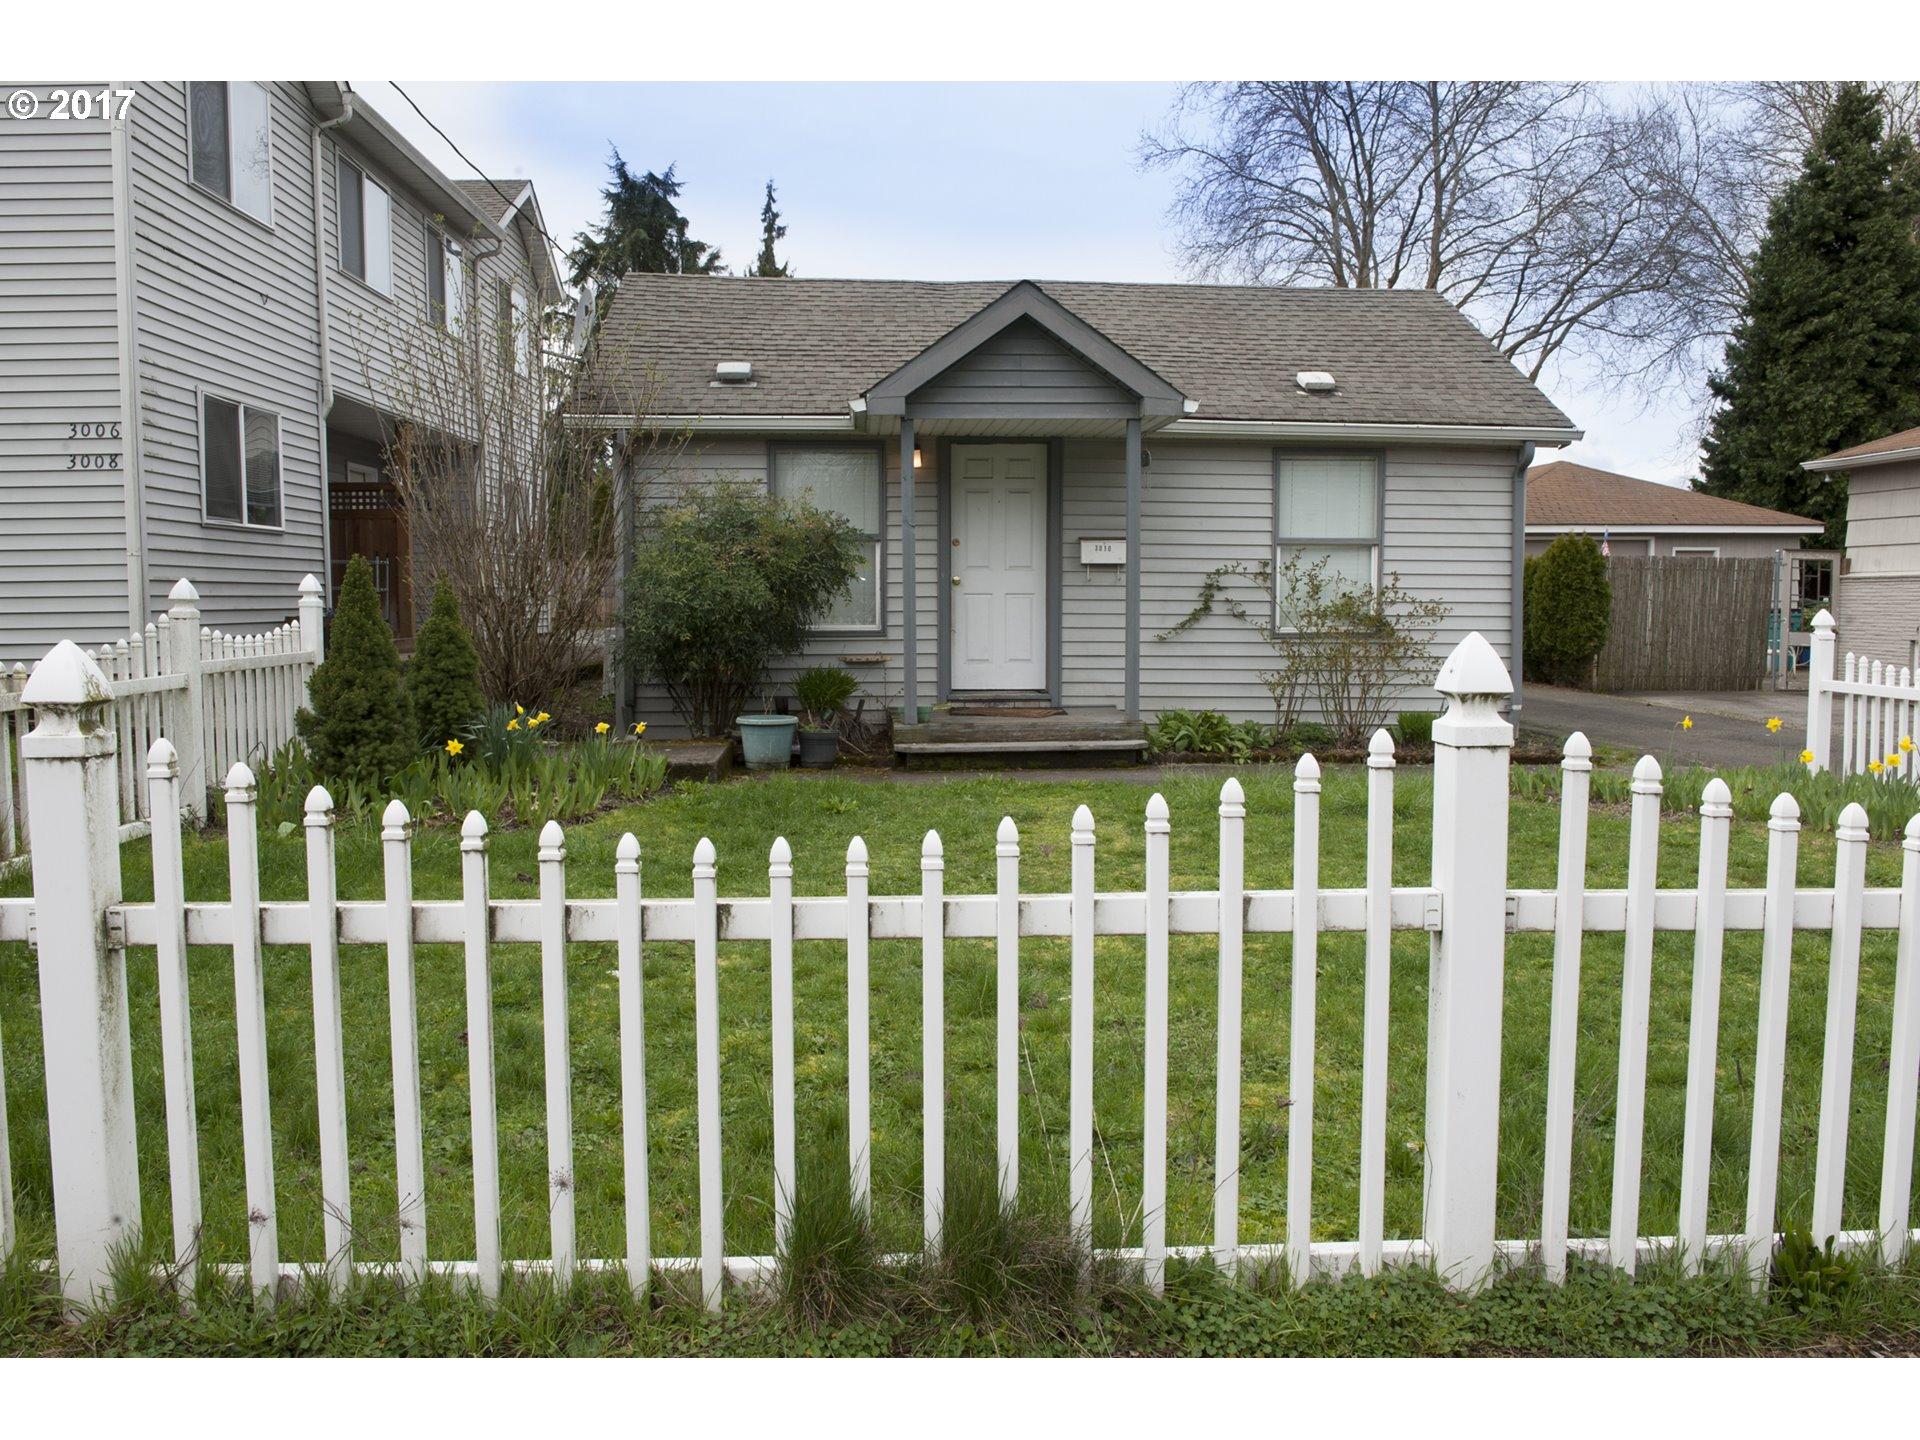 3010 Grand Blvd., Vancouver, WA 98661